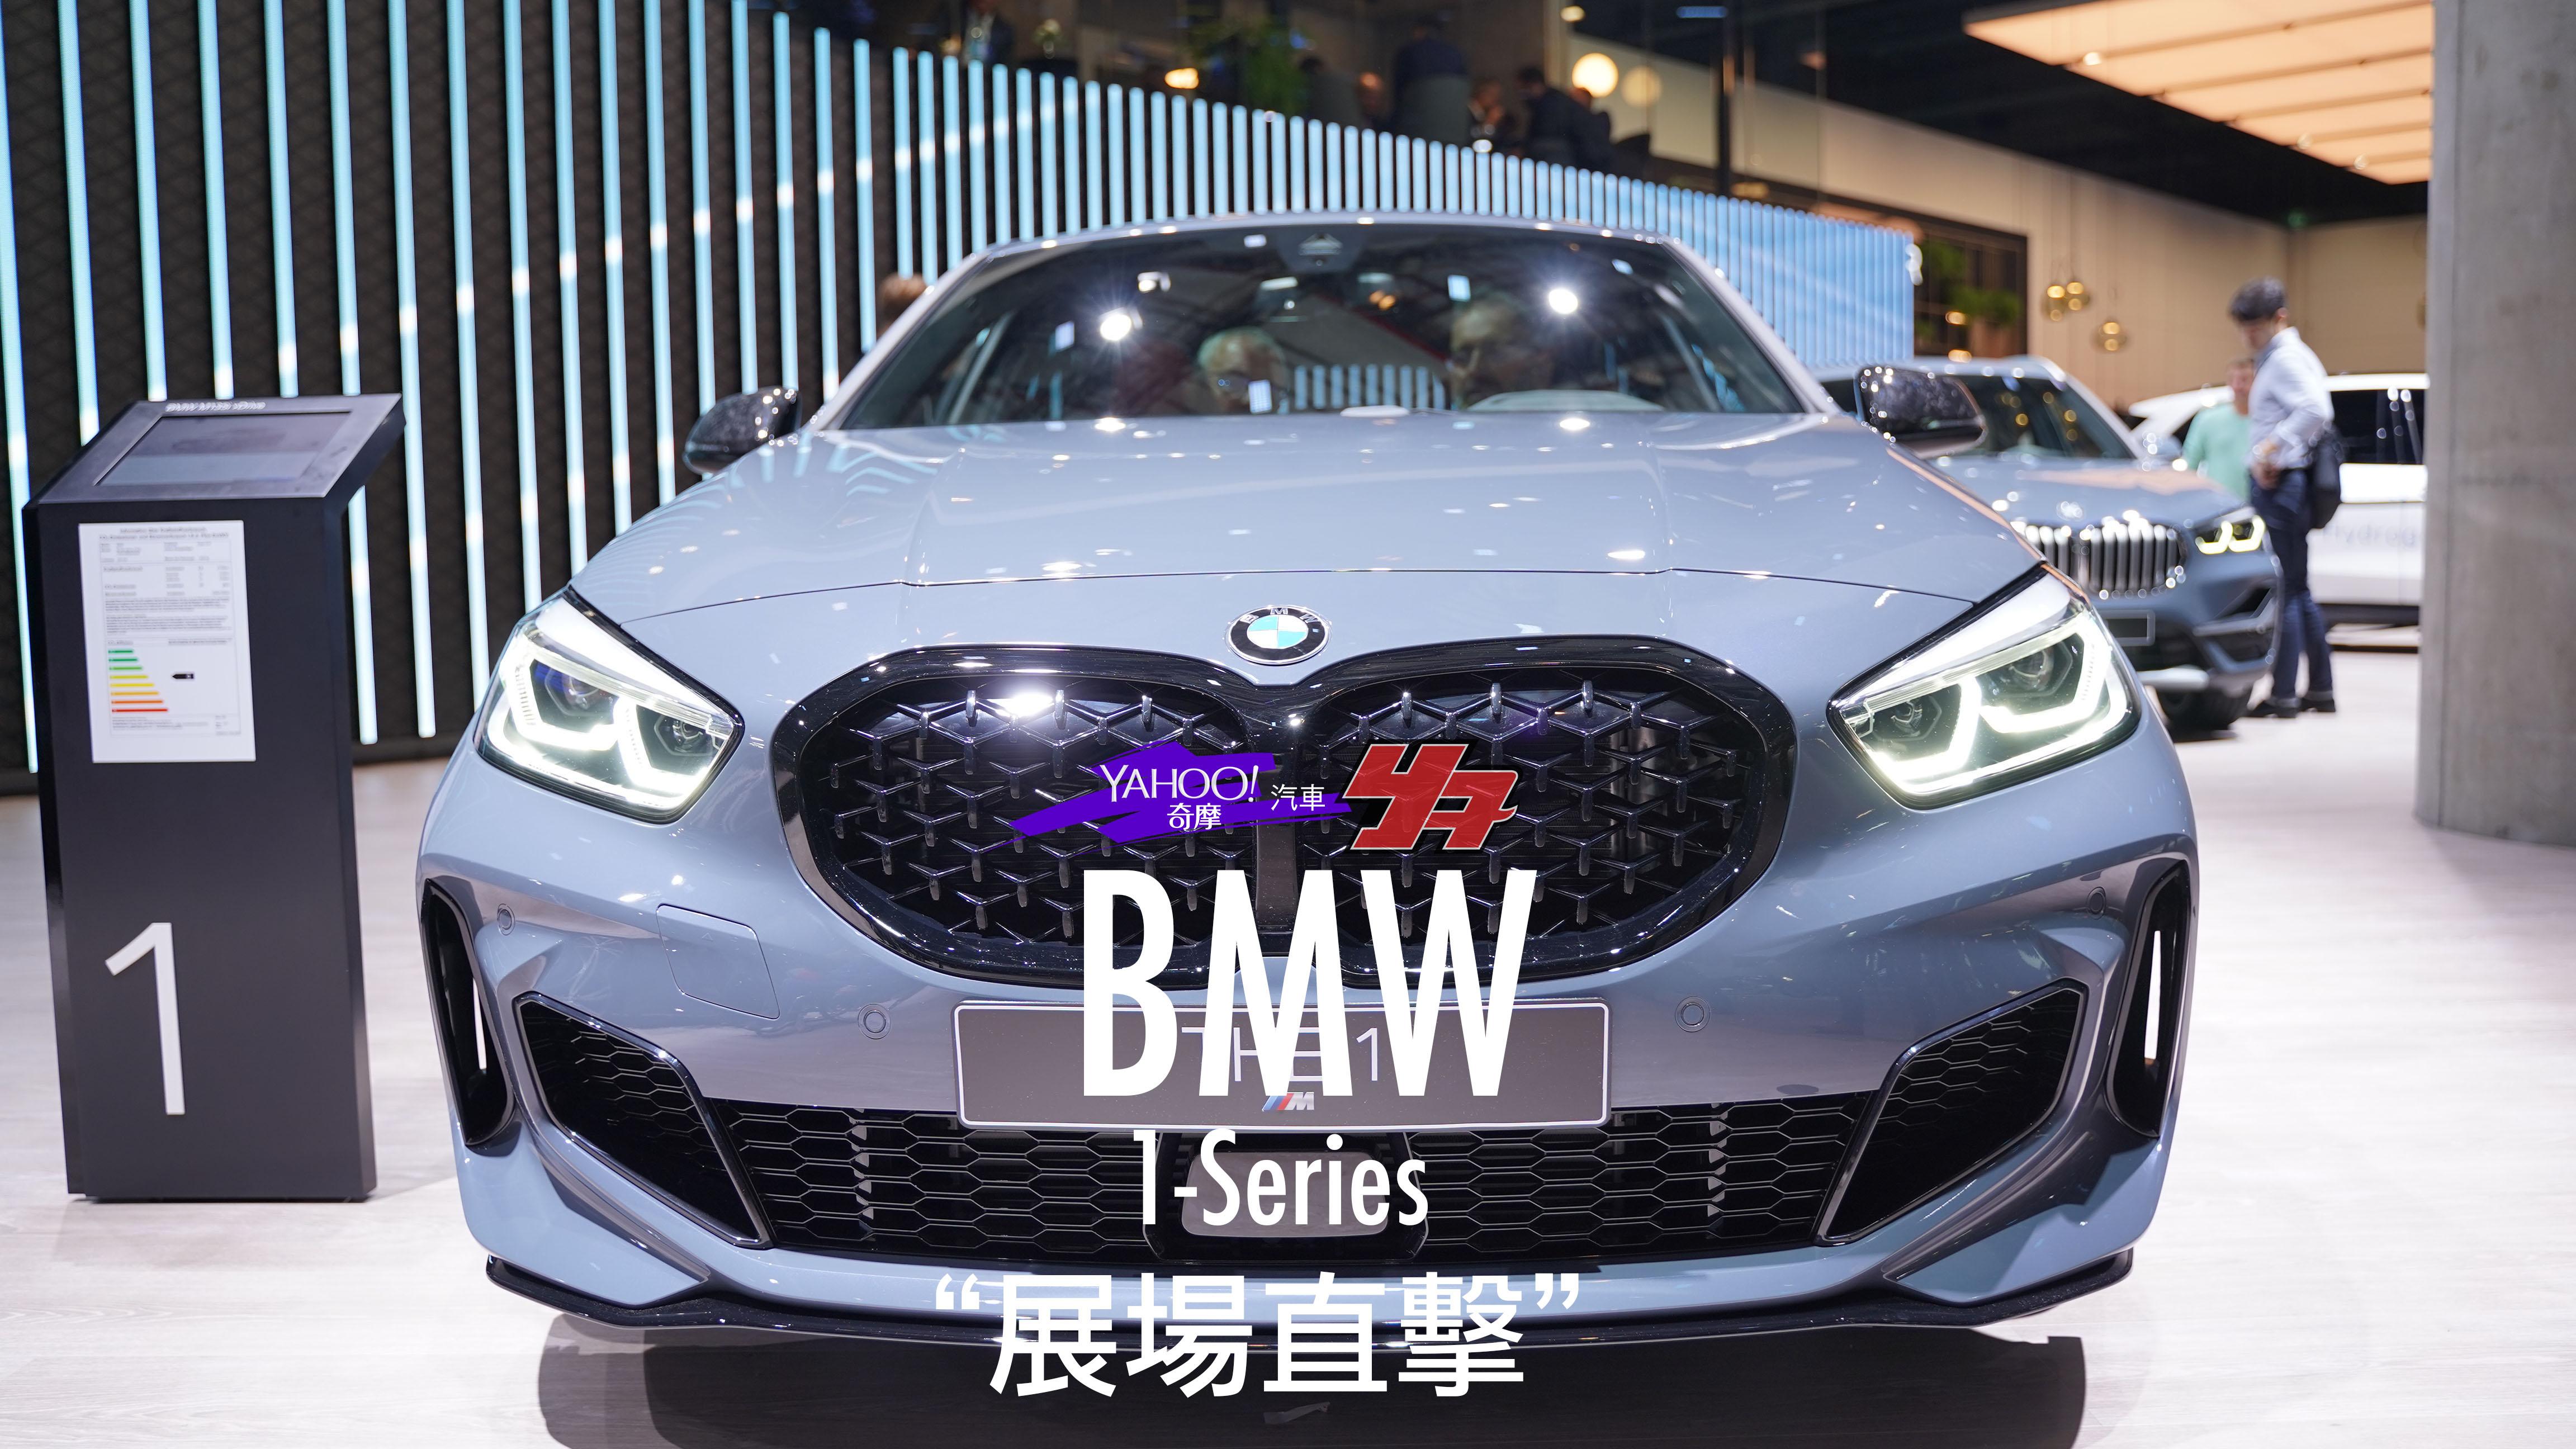 【2019法蘭克福車展直擊】前輪驅動又如何?全新第3代BMW 1-Series照樣可以凶到爆!